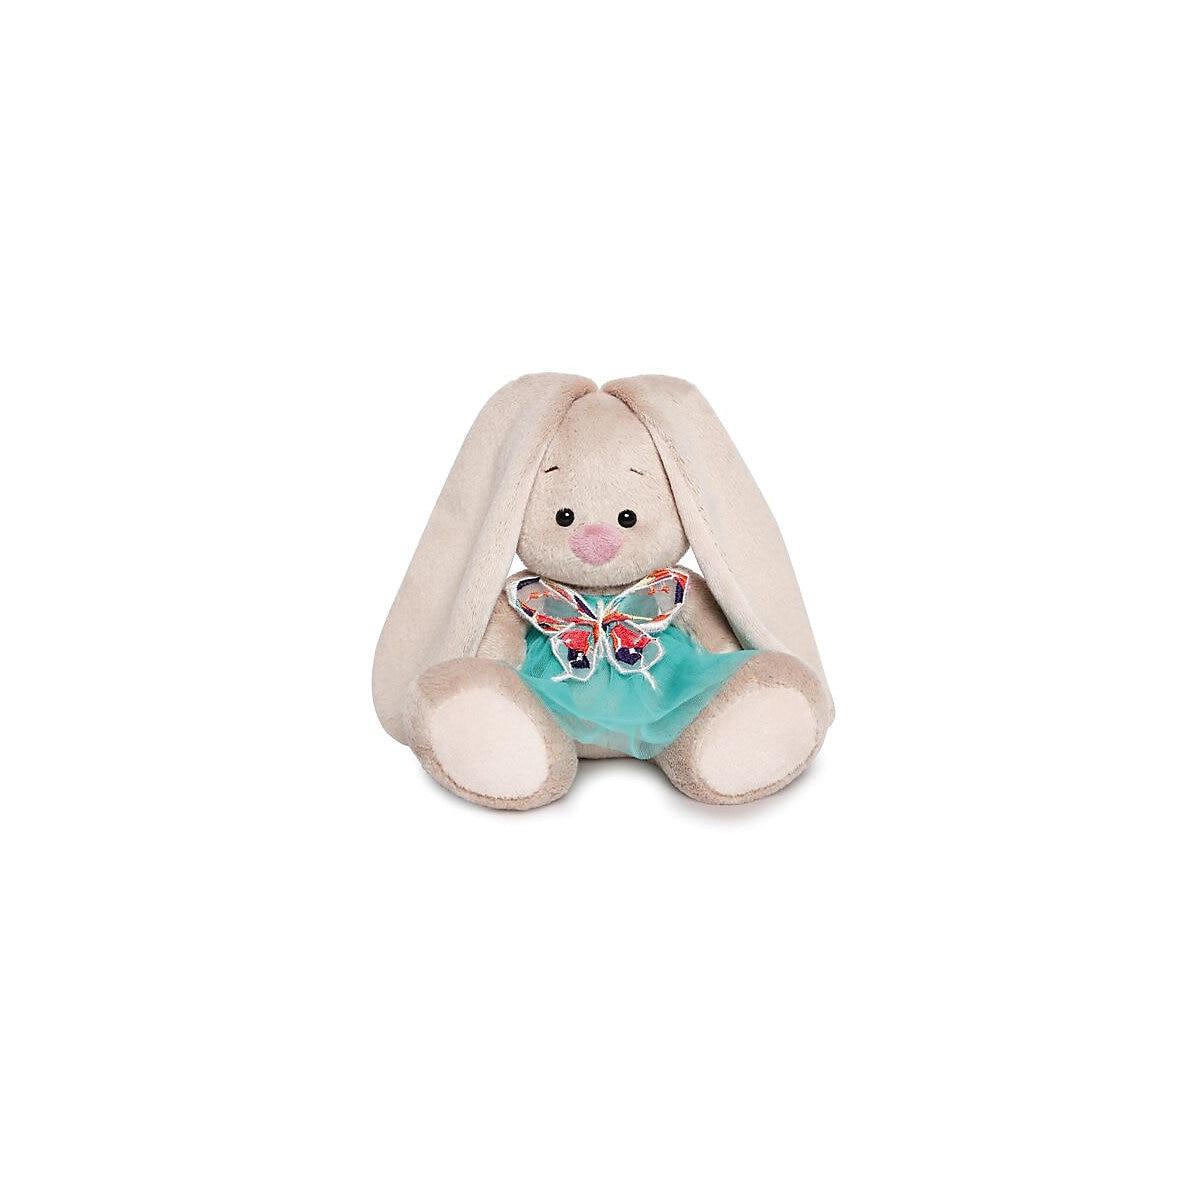 Budi basa recheado & animais de pelúcia 8999605 coelho meninas brinquedo macio amigo animal jogar brinquedos mtpromo